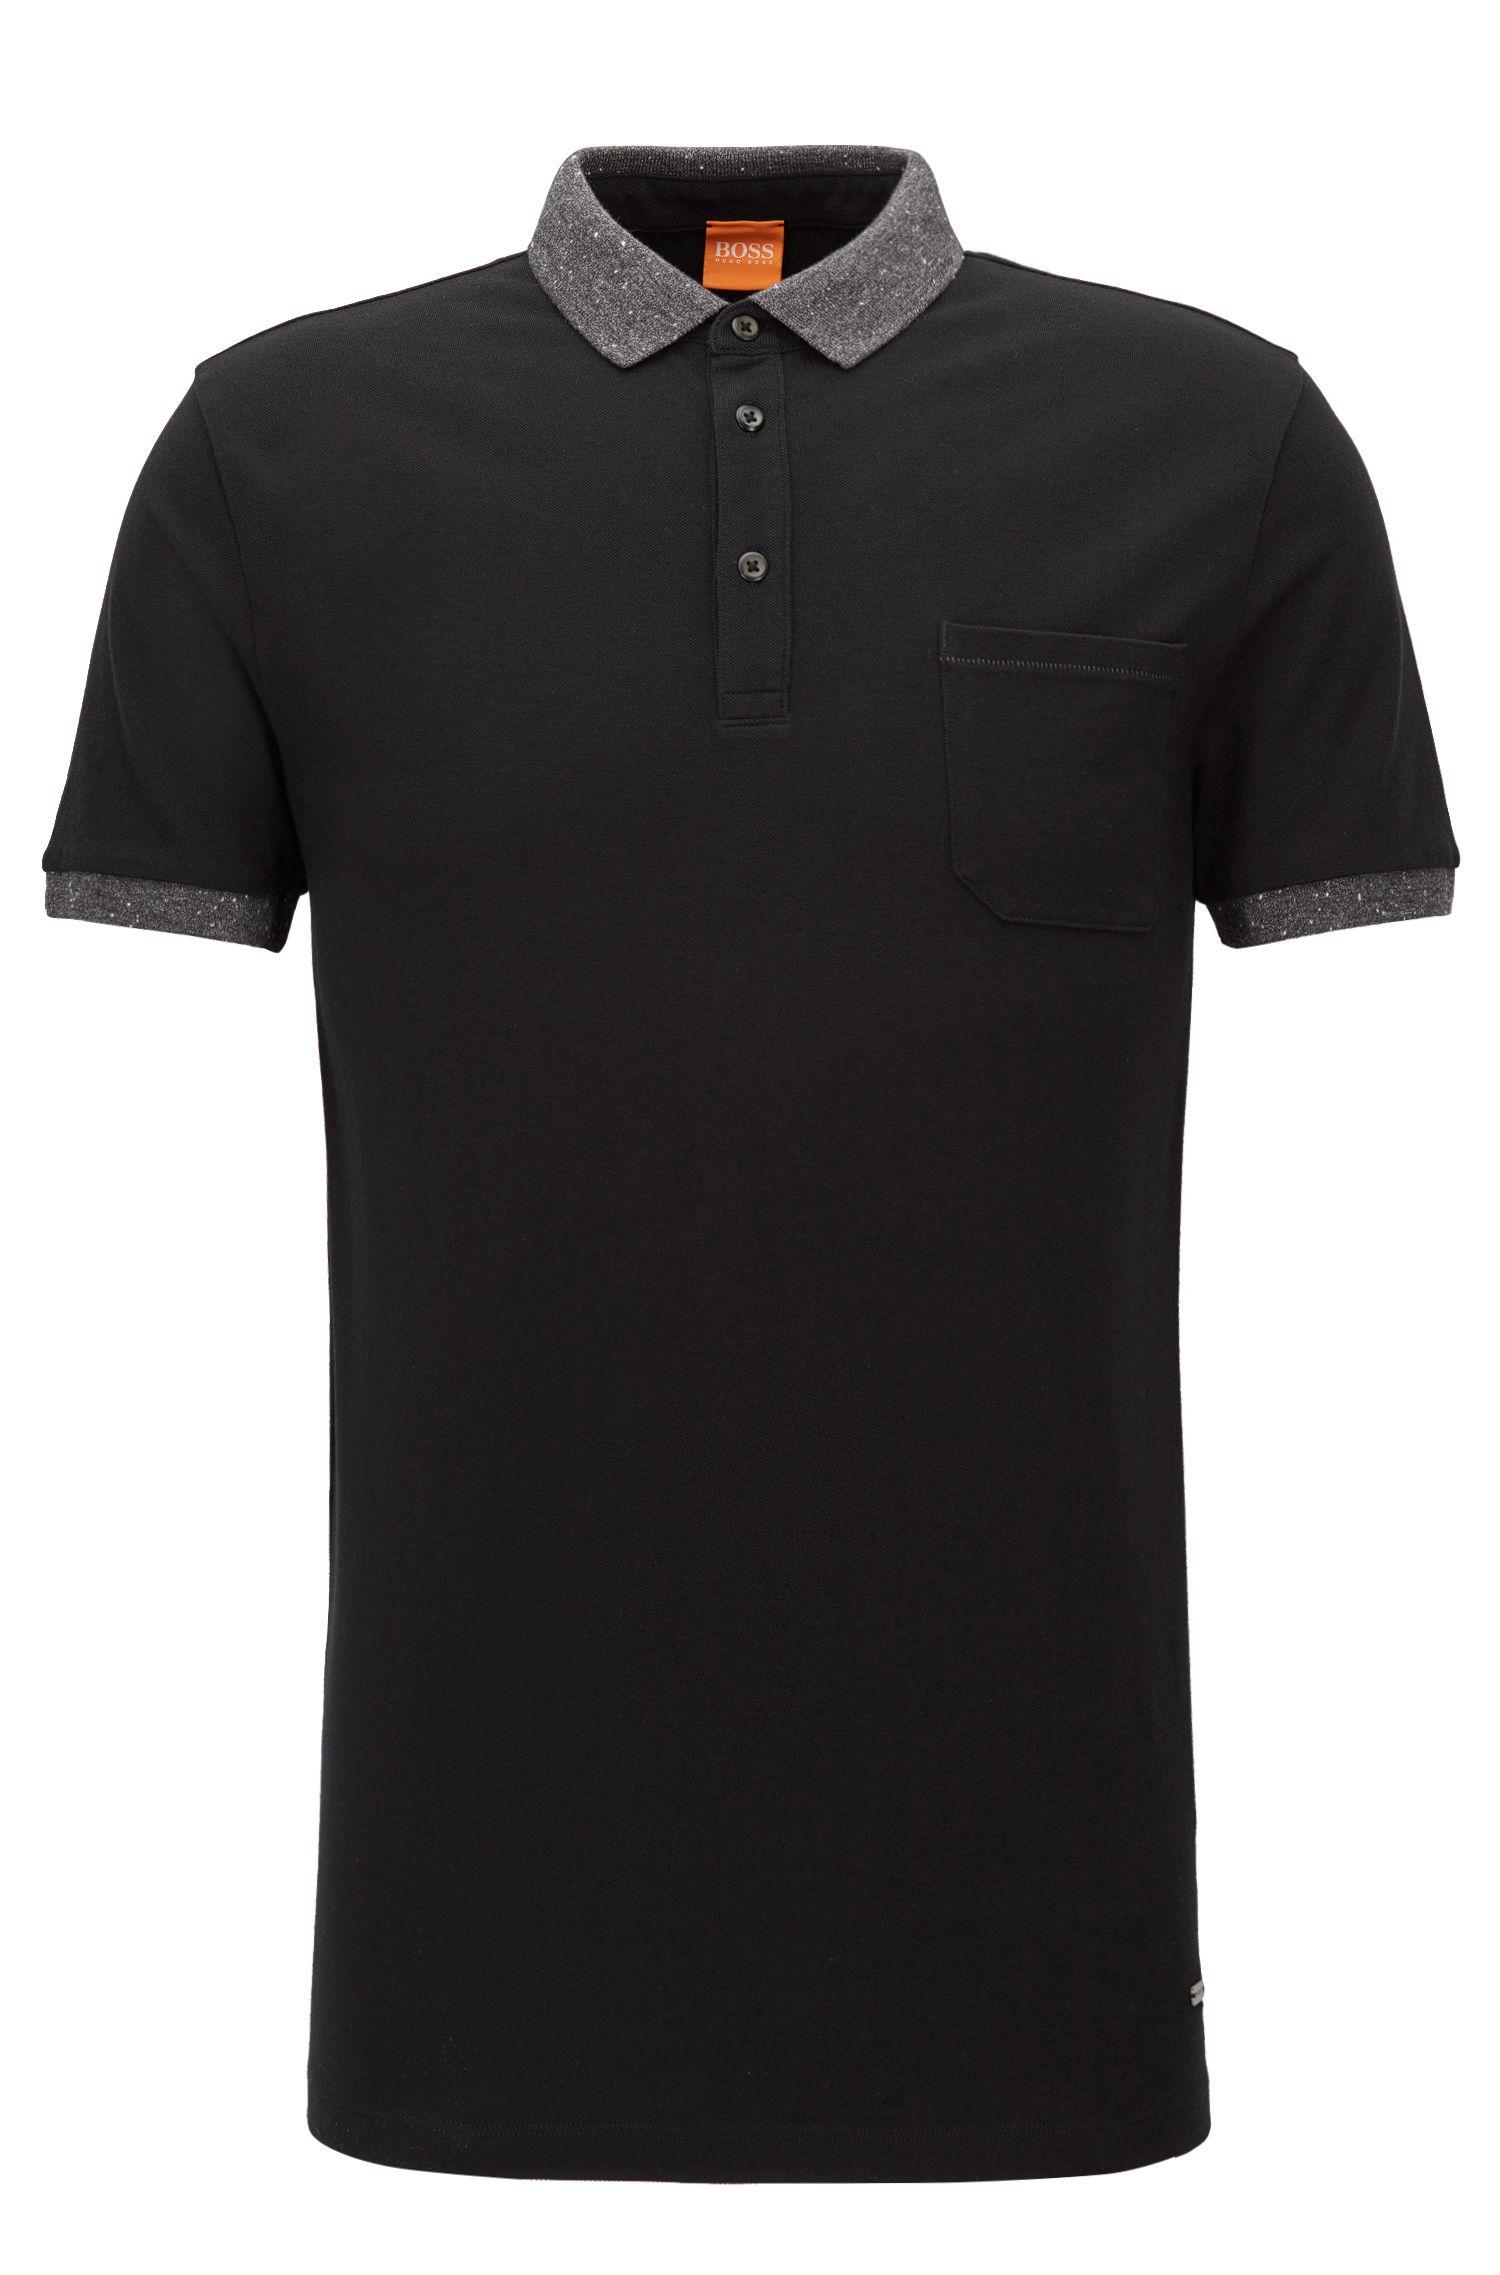 Regular Fit, Piqué Cotton Polo Shirt | Previously, Black